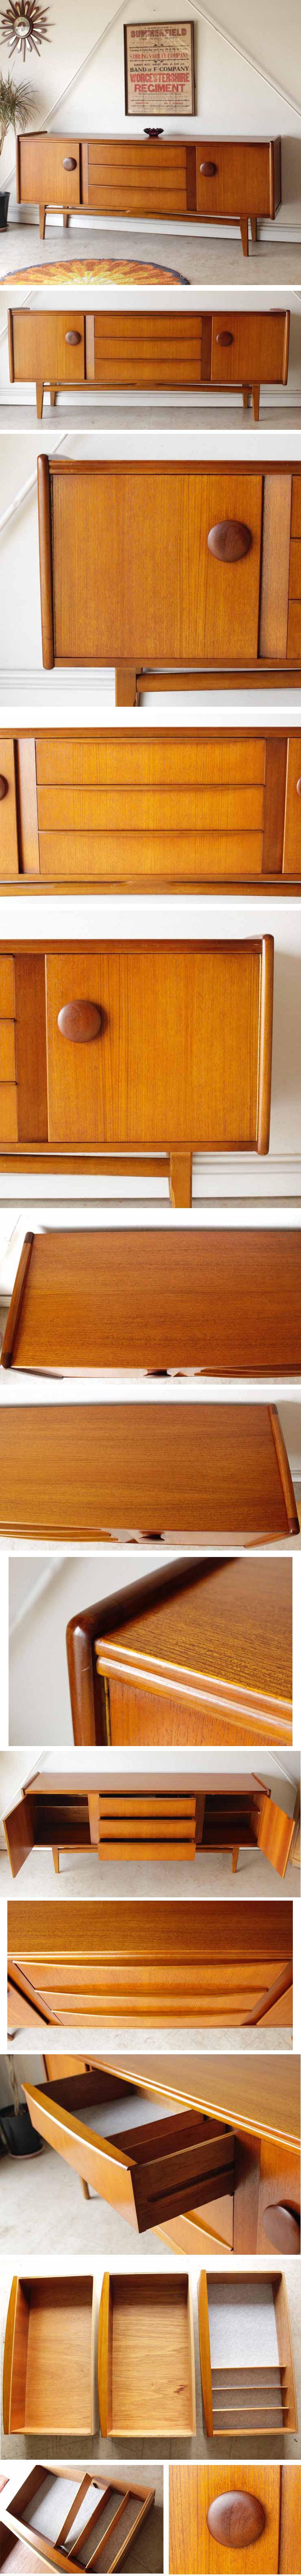 イギリス・サイドボード・チーク・テレビボード・北欧・ビンテージ・アンティーク・輸入家具